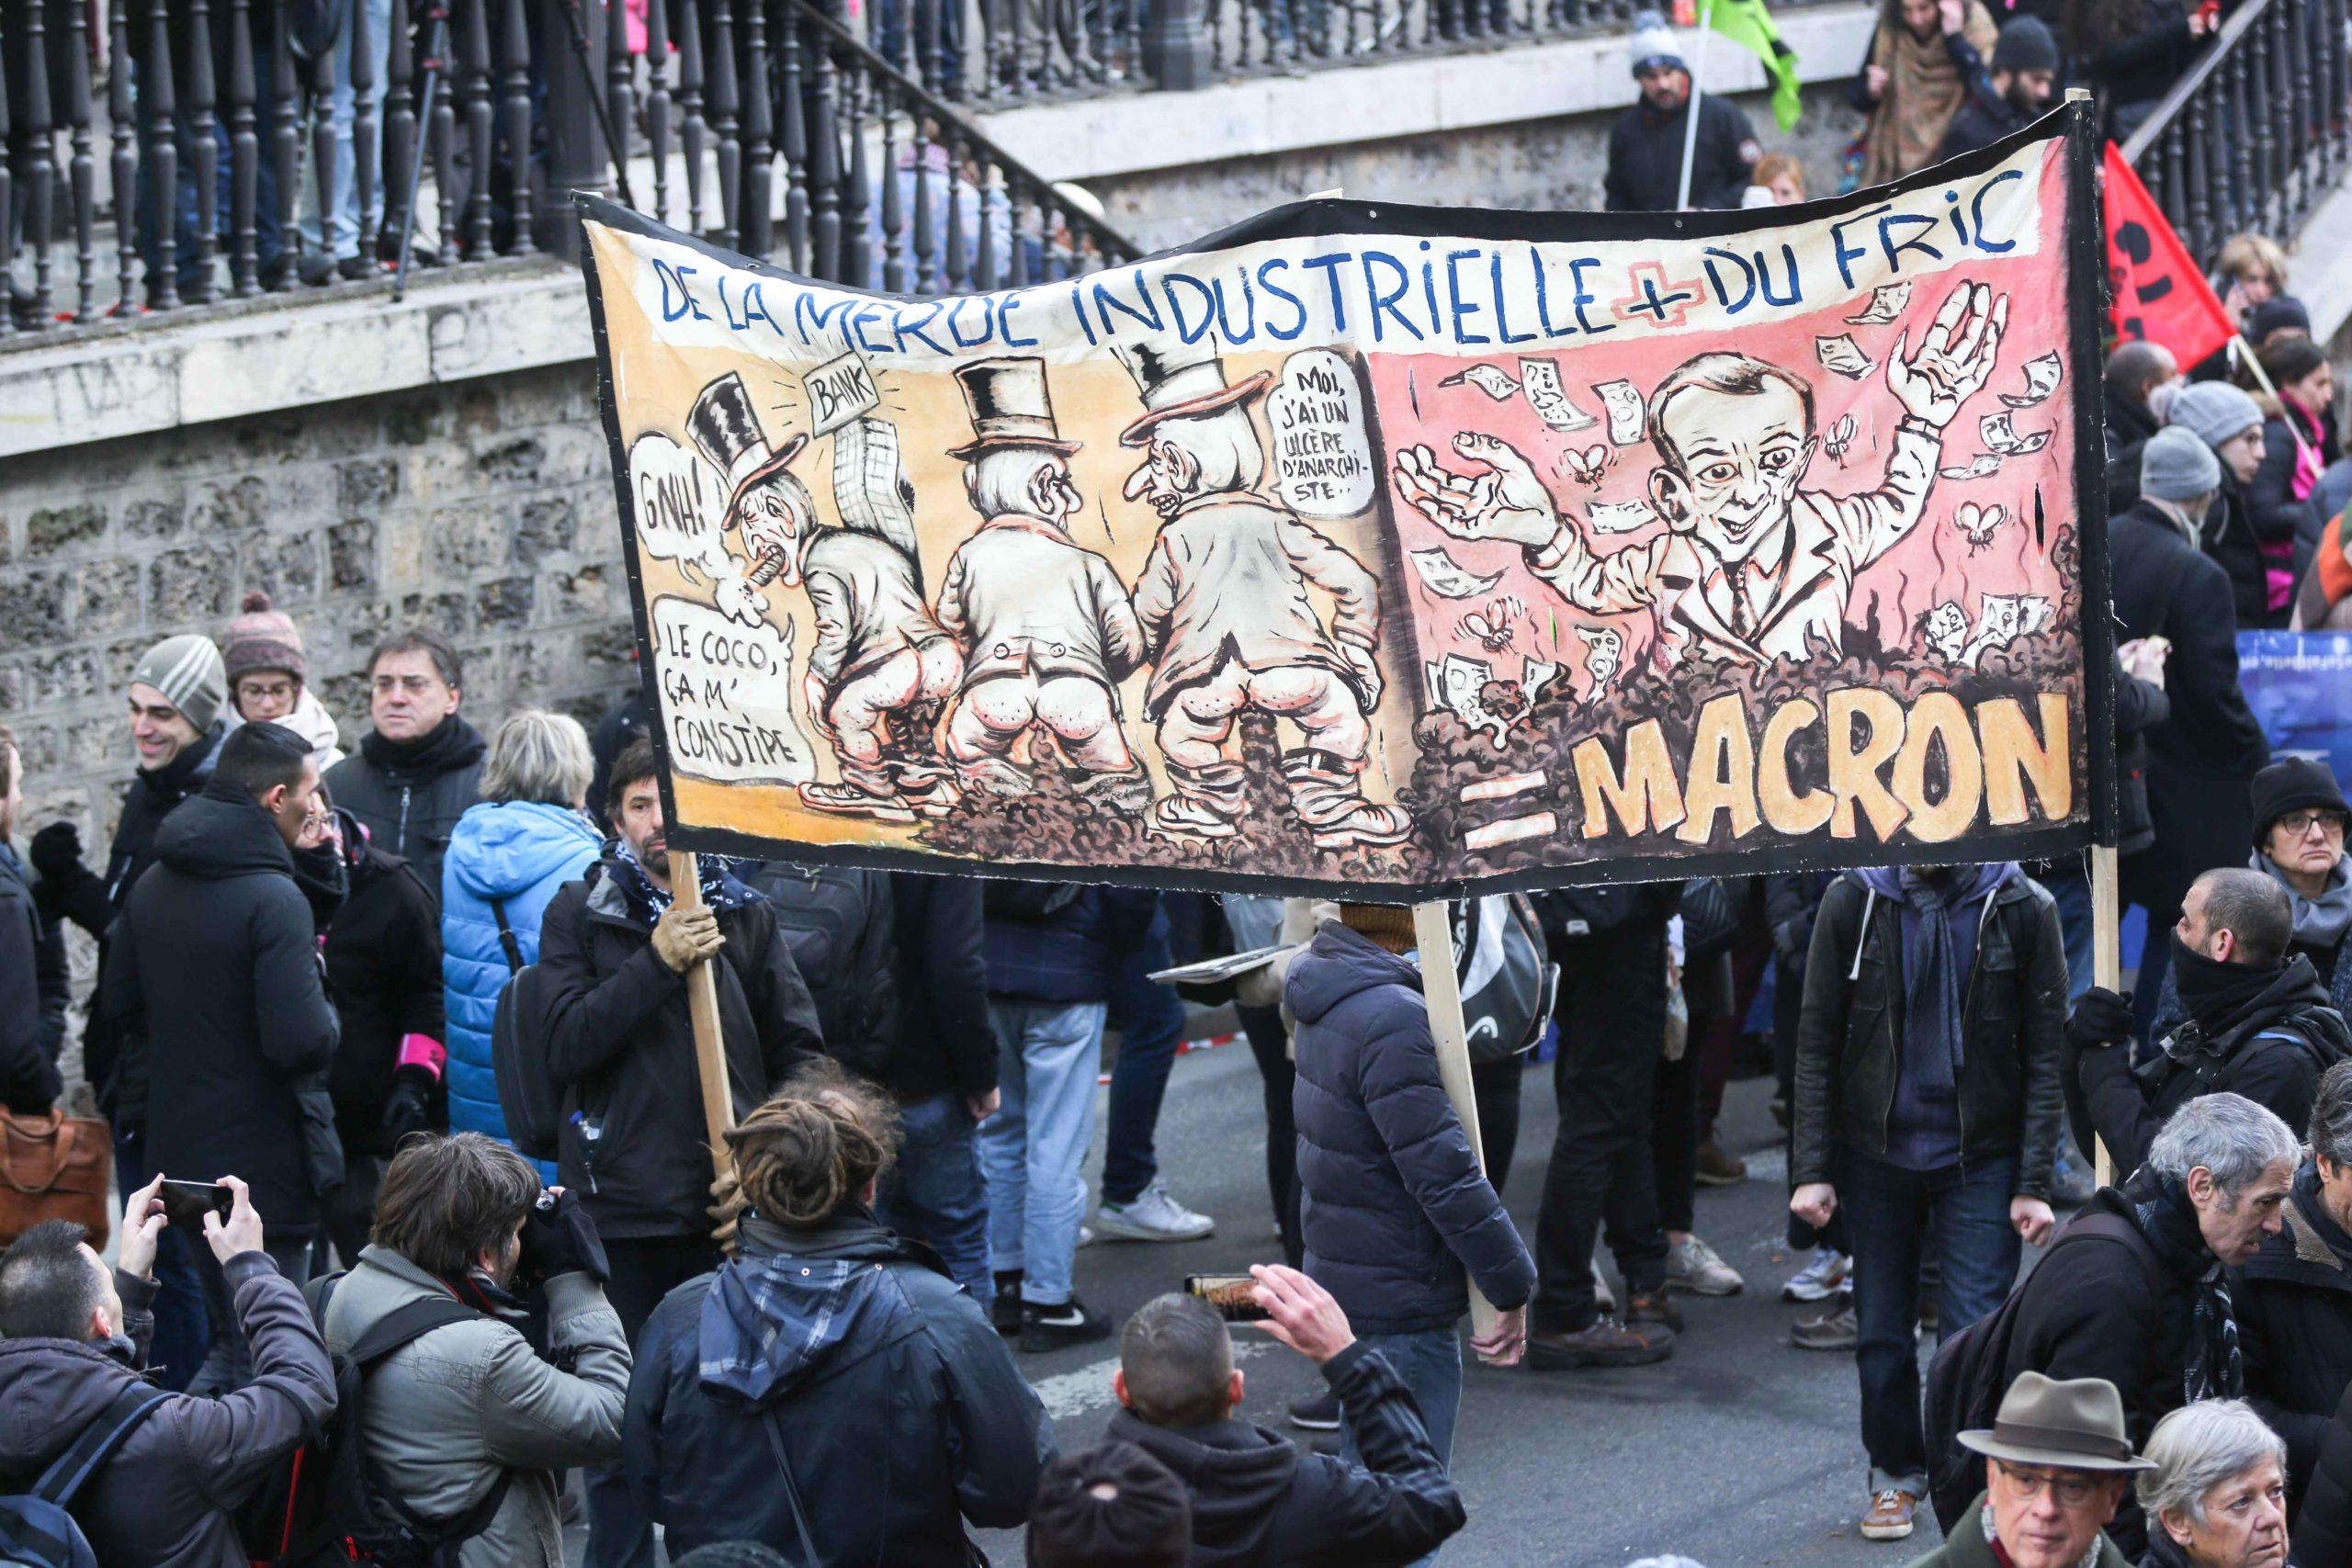 Des manifestants défilent dans une rue de Paris. © Michel Stoupak. Ven 24.01.2020, 11:42:59.